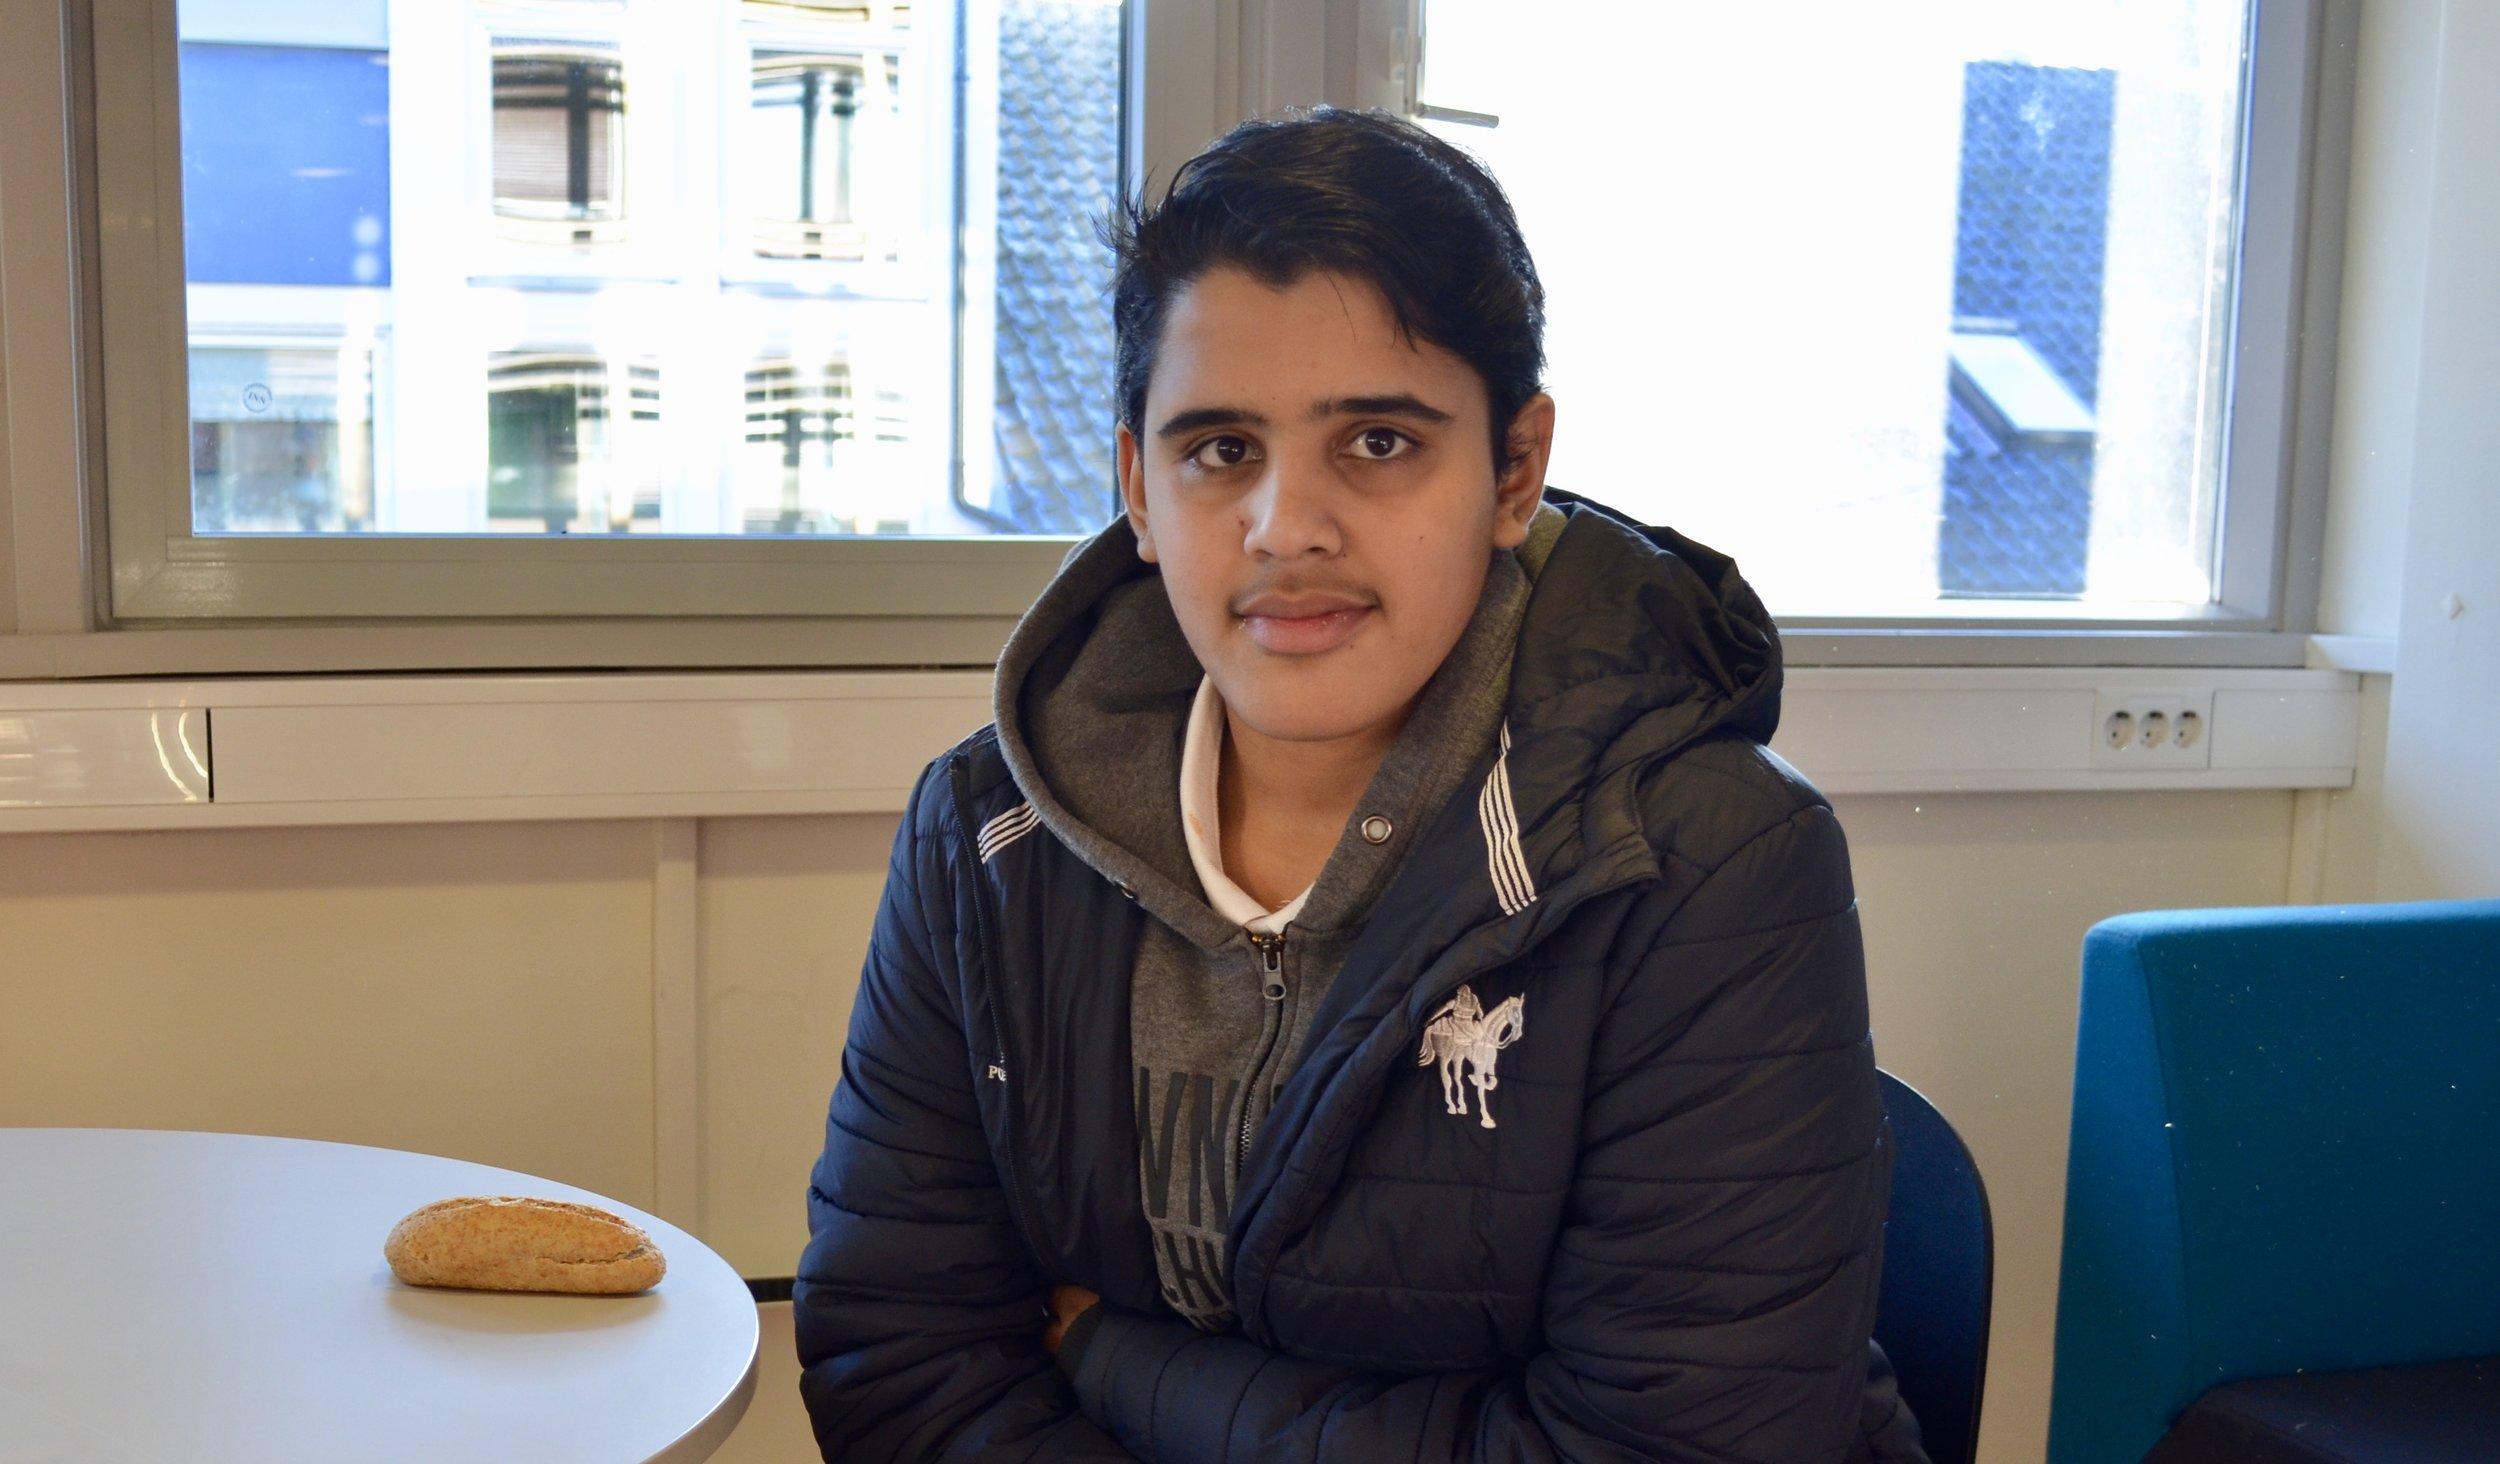 Sinan Raja fra Kverhuset besøkte HNH for første gang onsdag. Opplevelsen var positiv.  - Skolen har få elever, noe som legger til rette for læring og god kontakt mellom elevene, sier han.